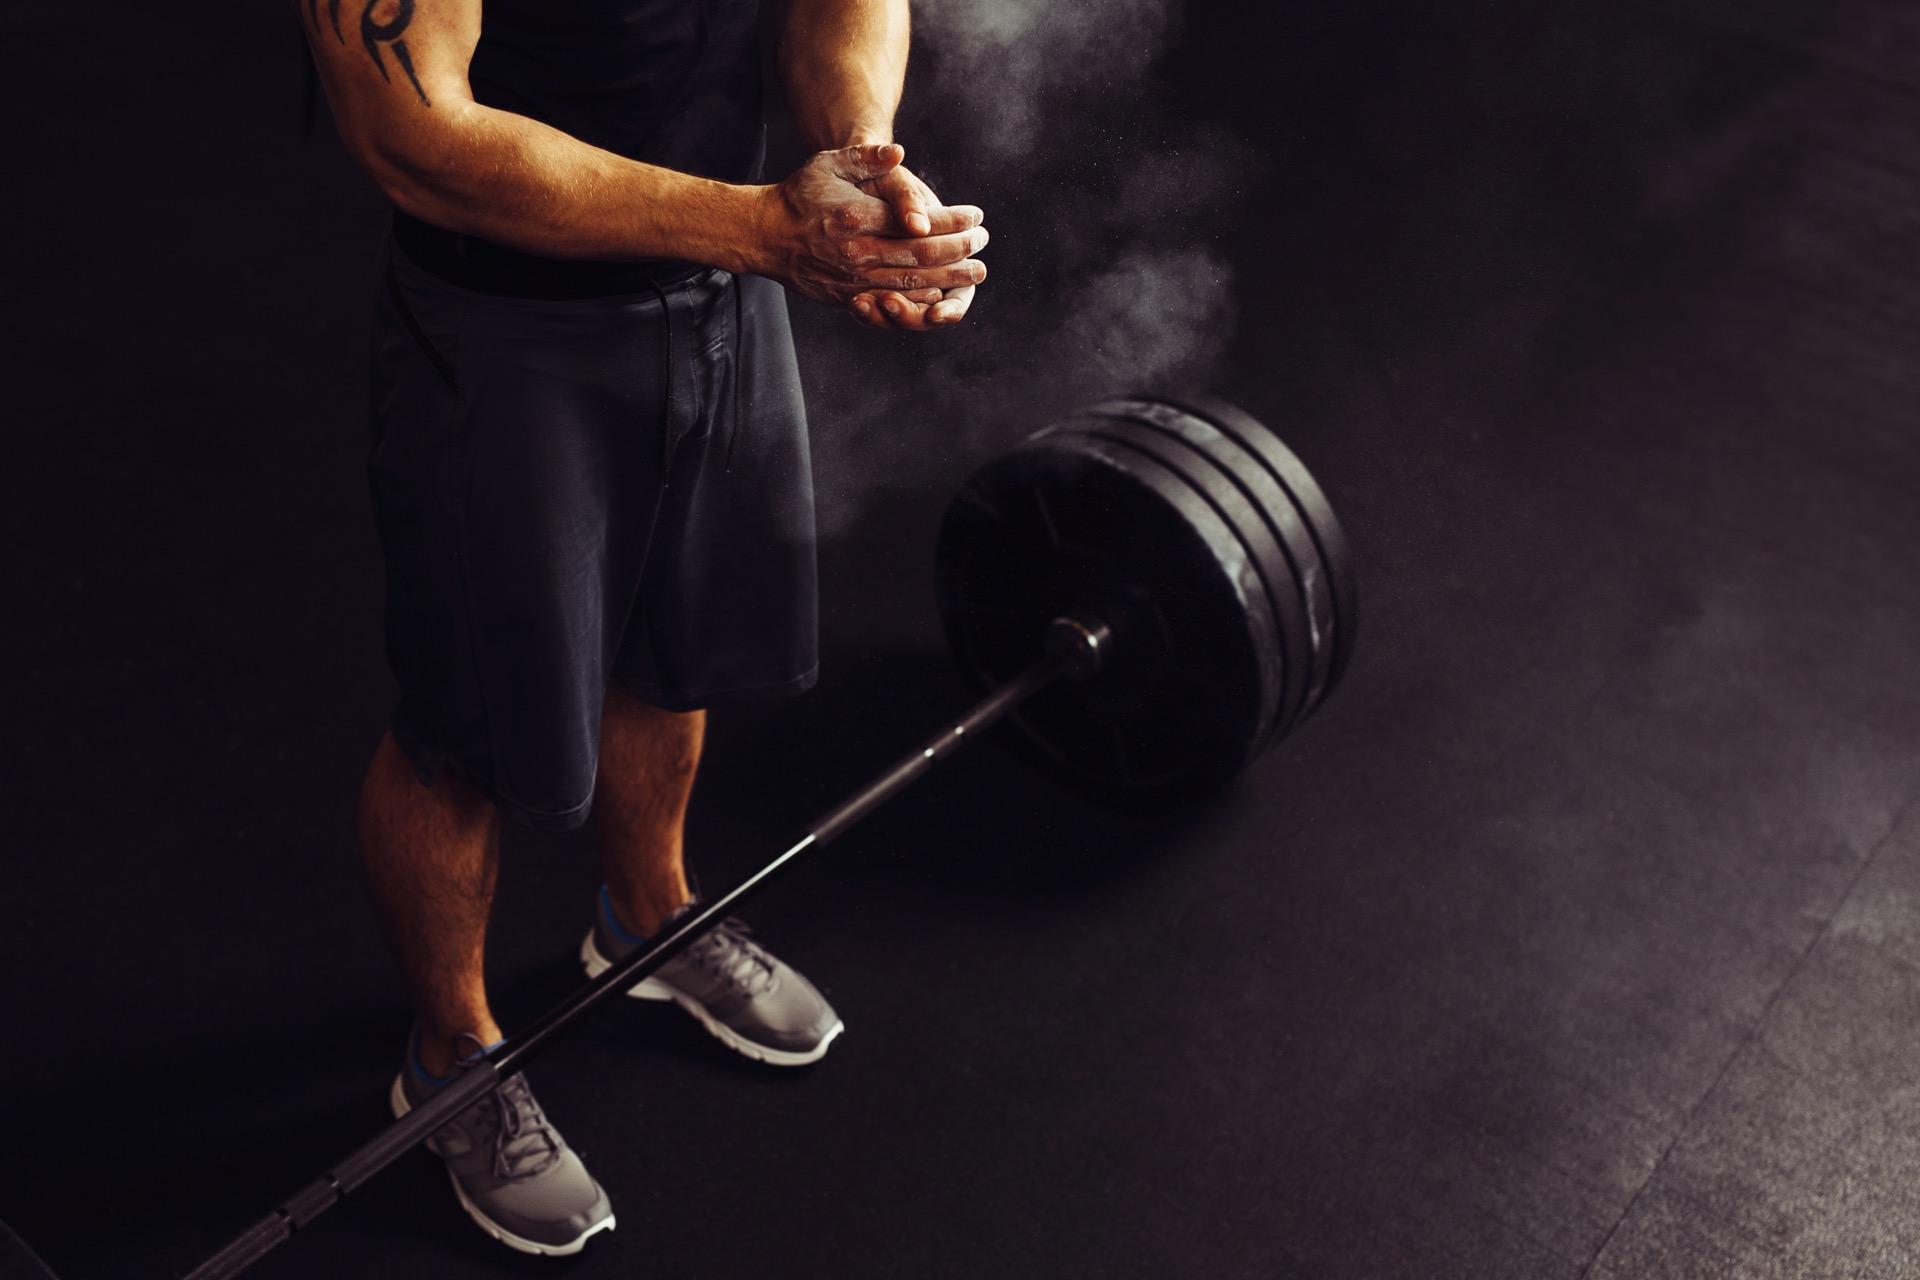 styrketrening øker testosteronnivået